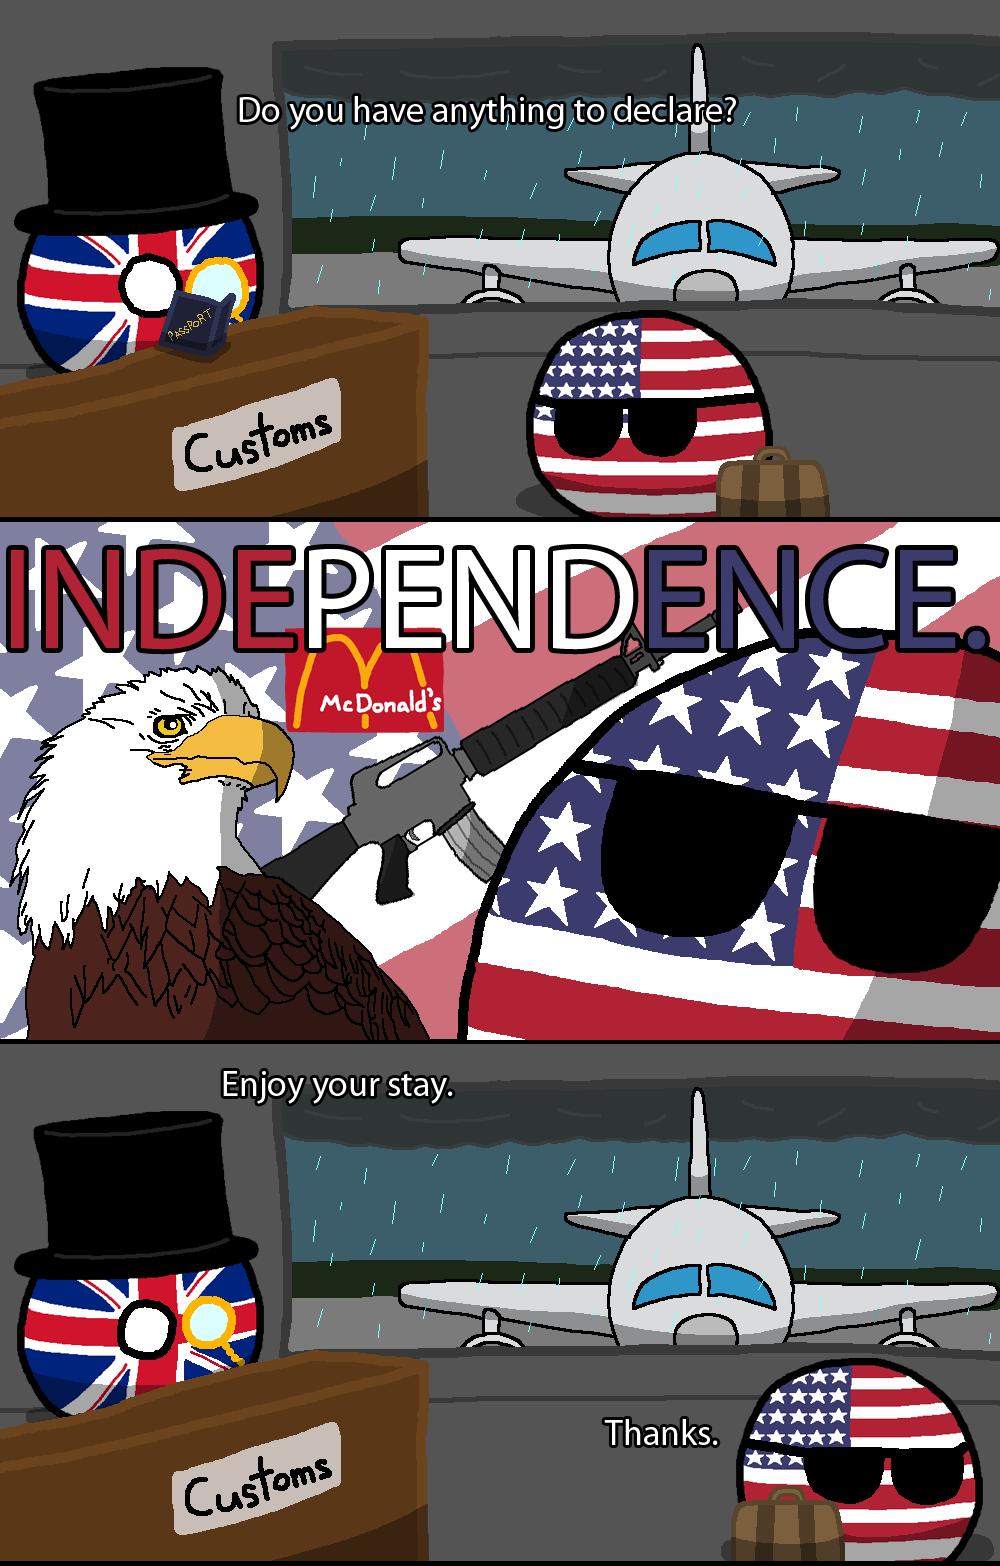 USA USA USA. . Stolen from int